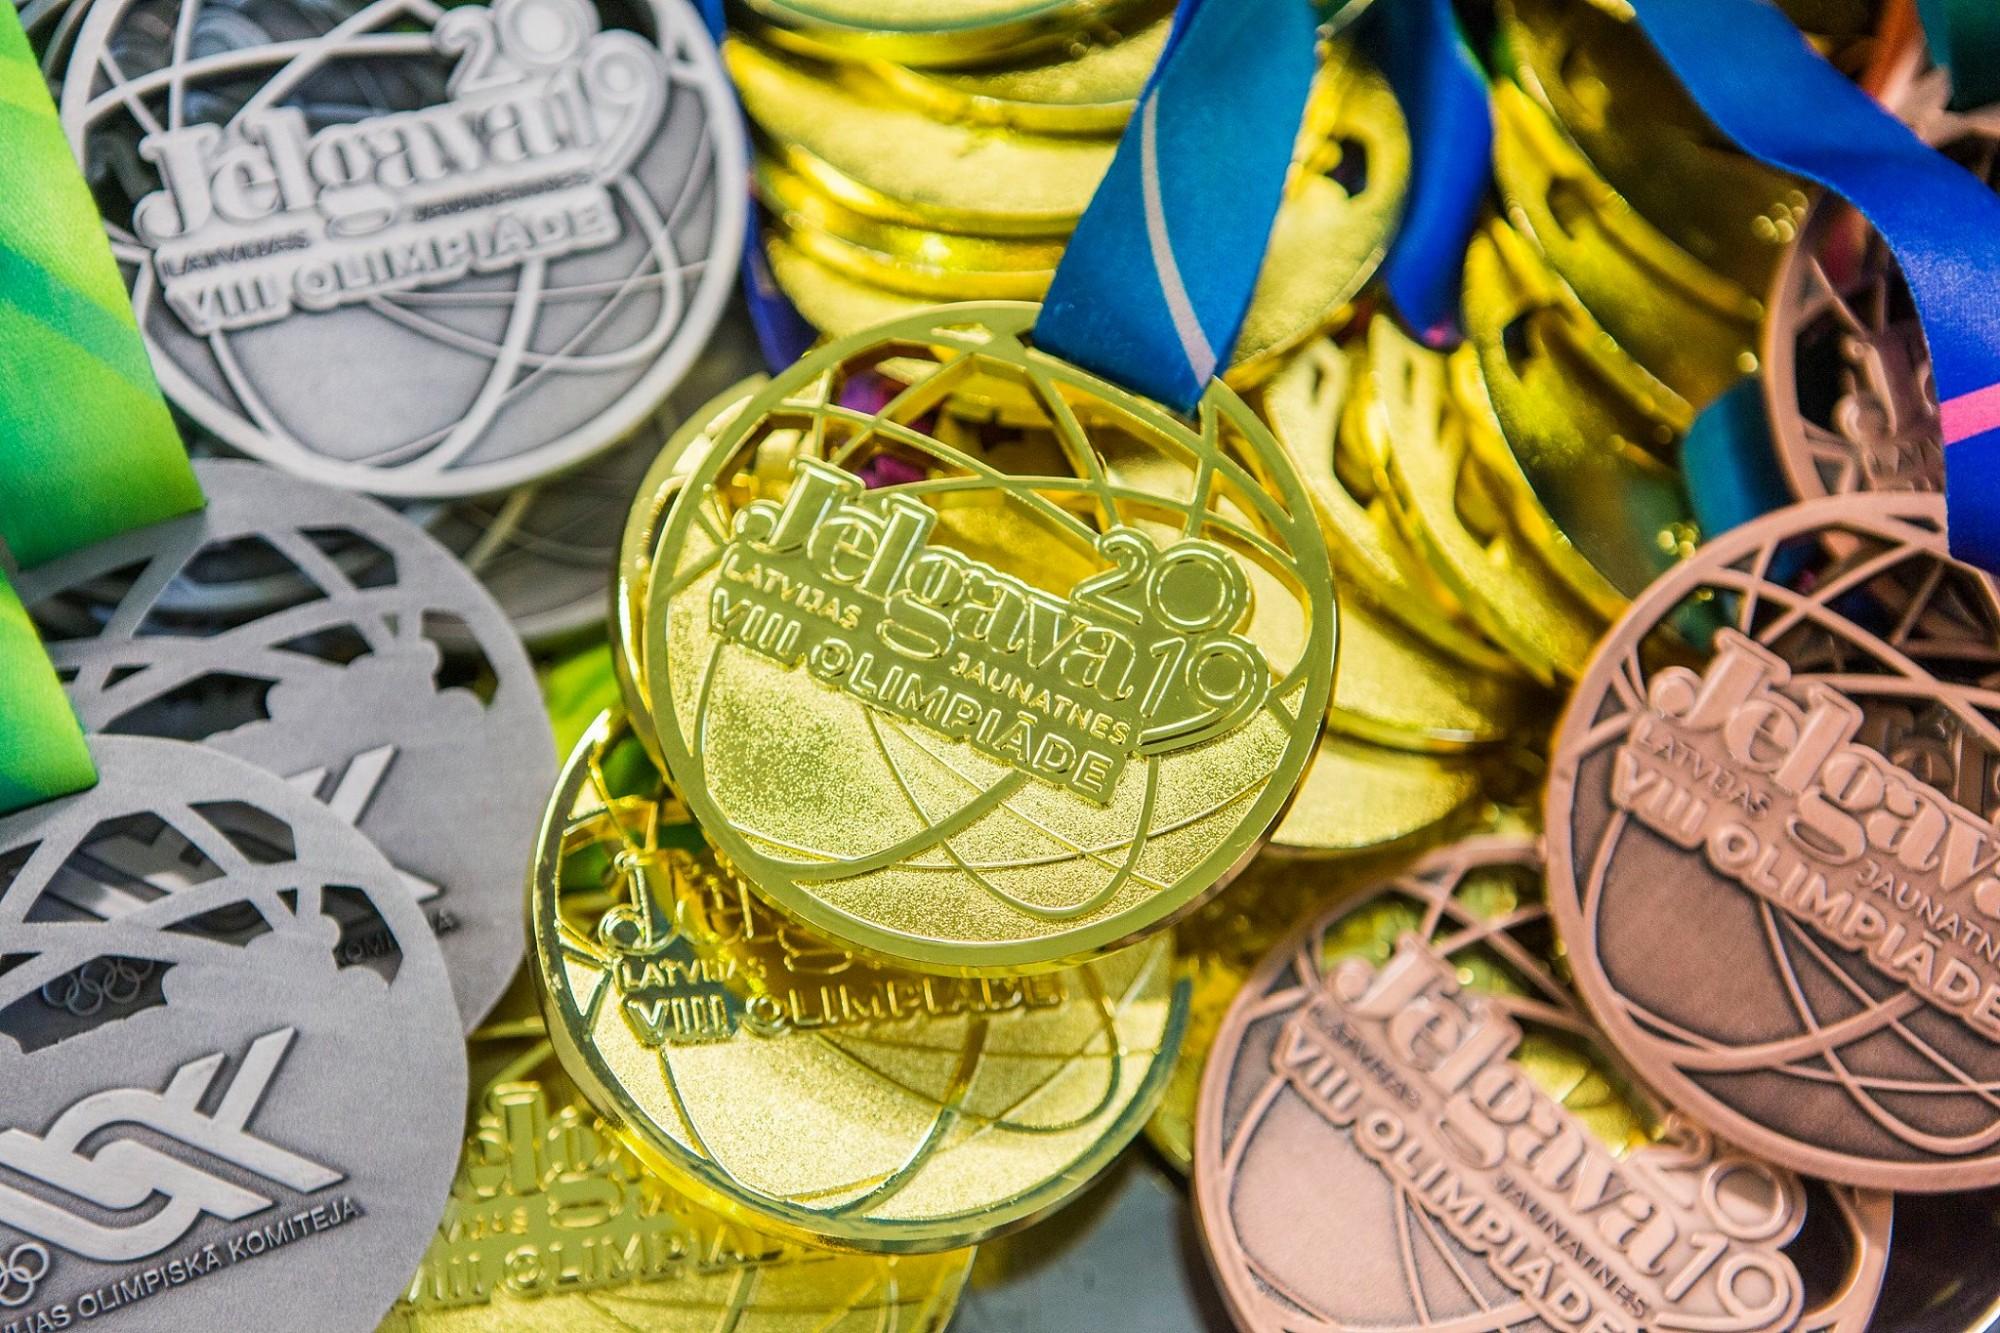 Papildināts – Liepājnieki jaunatnes olimpiādē ceturtie